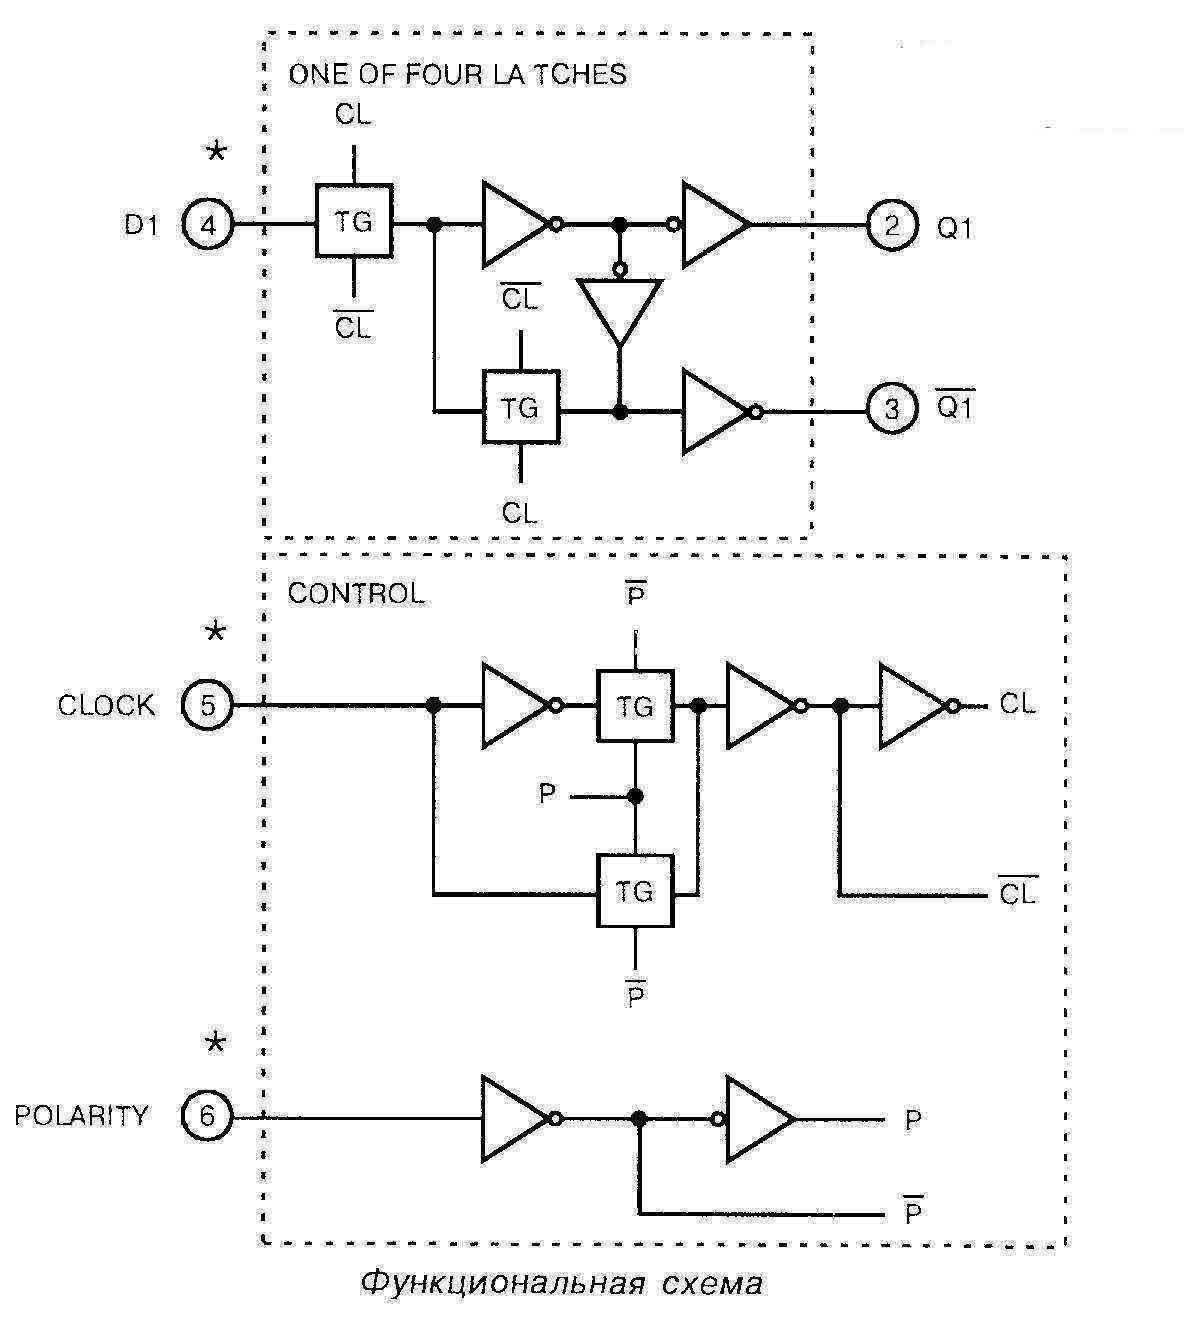 Микросхема 4042 - функциональная схема